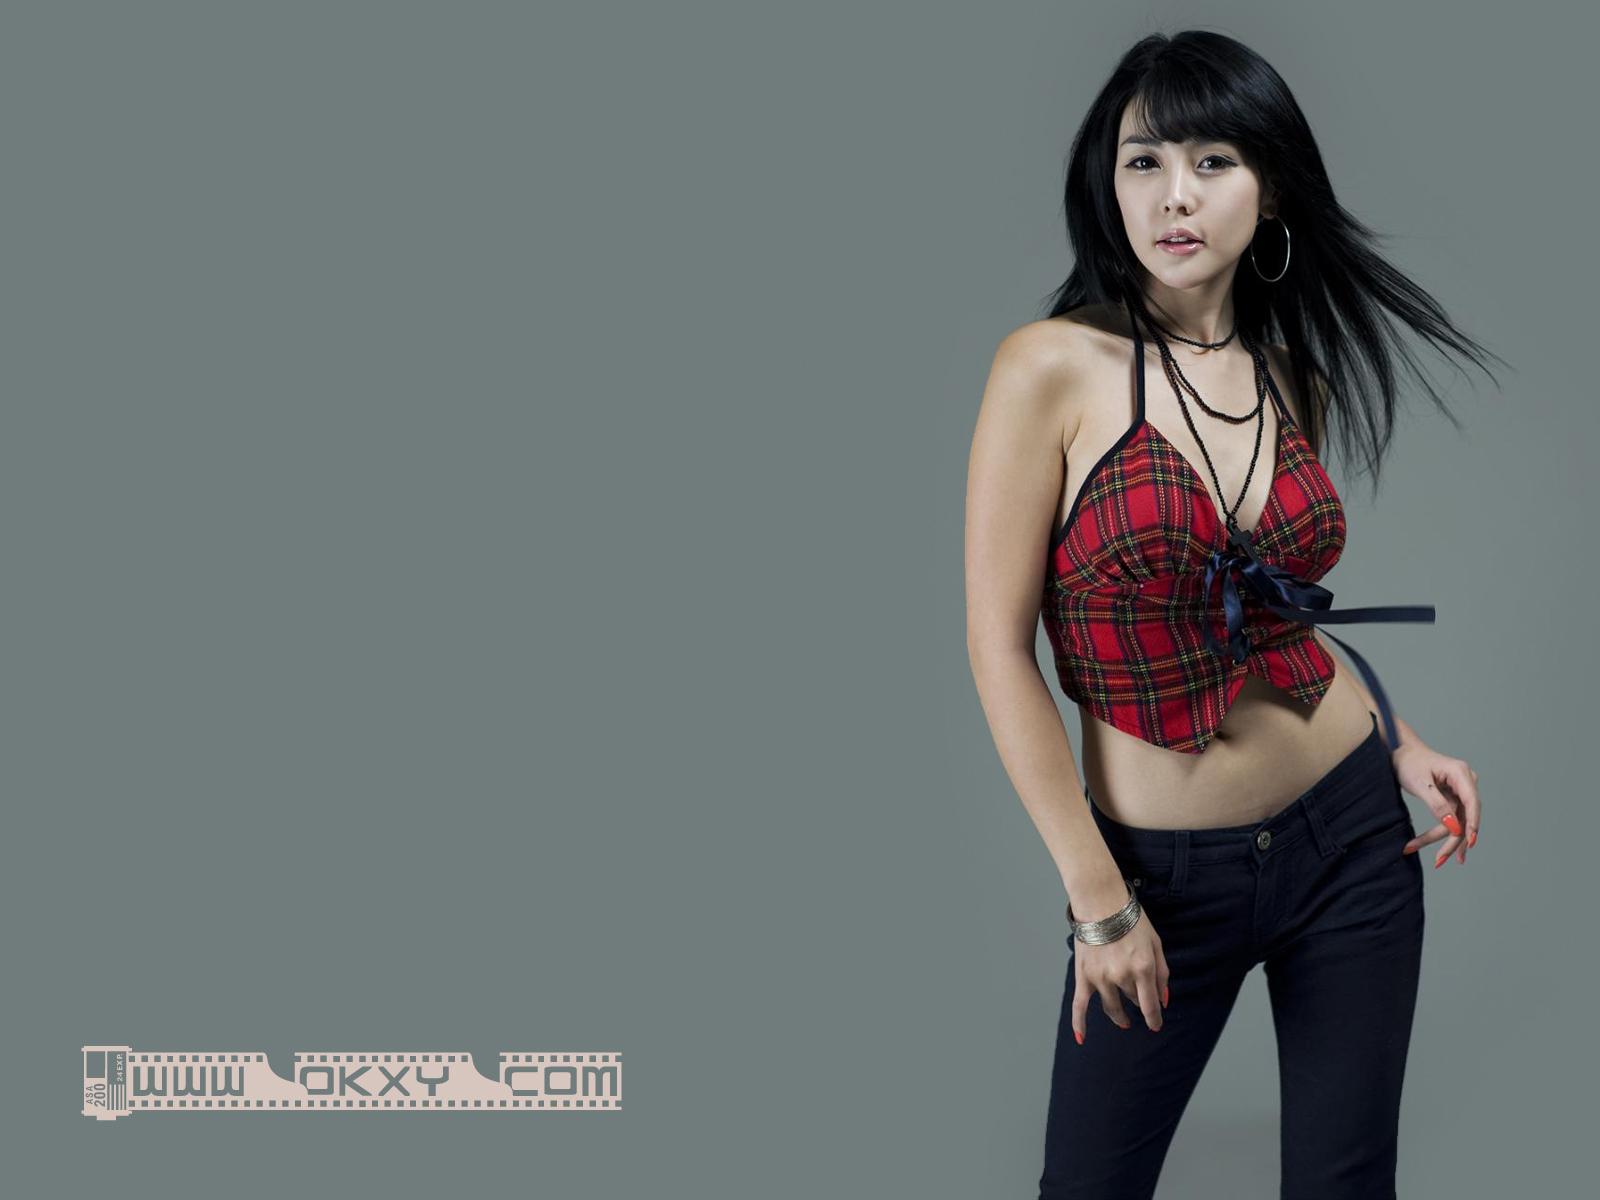 韩国电影韩国电影明星韩国美女电影桌面壁纸